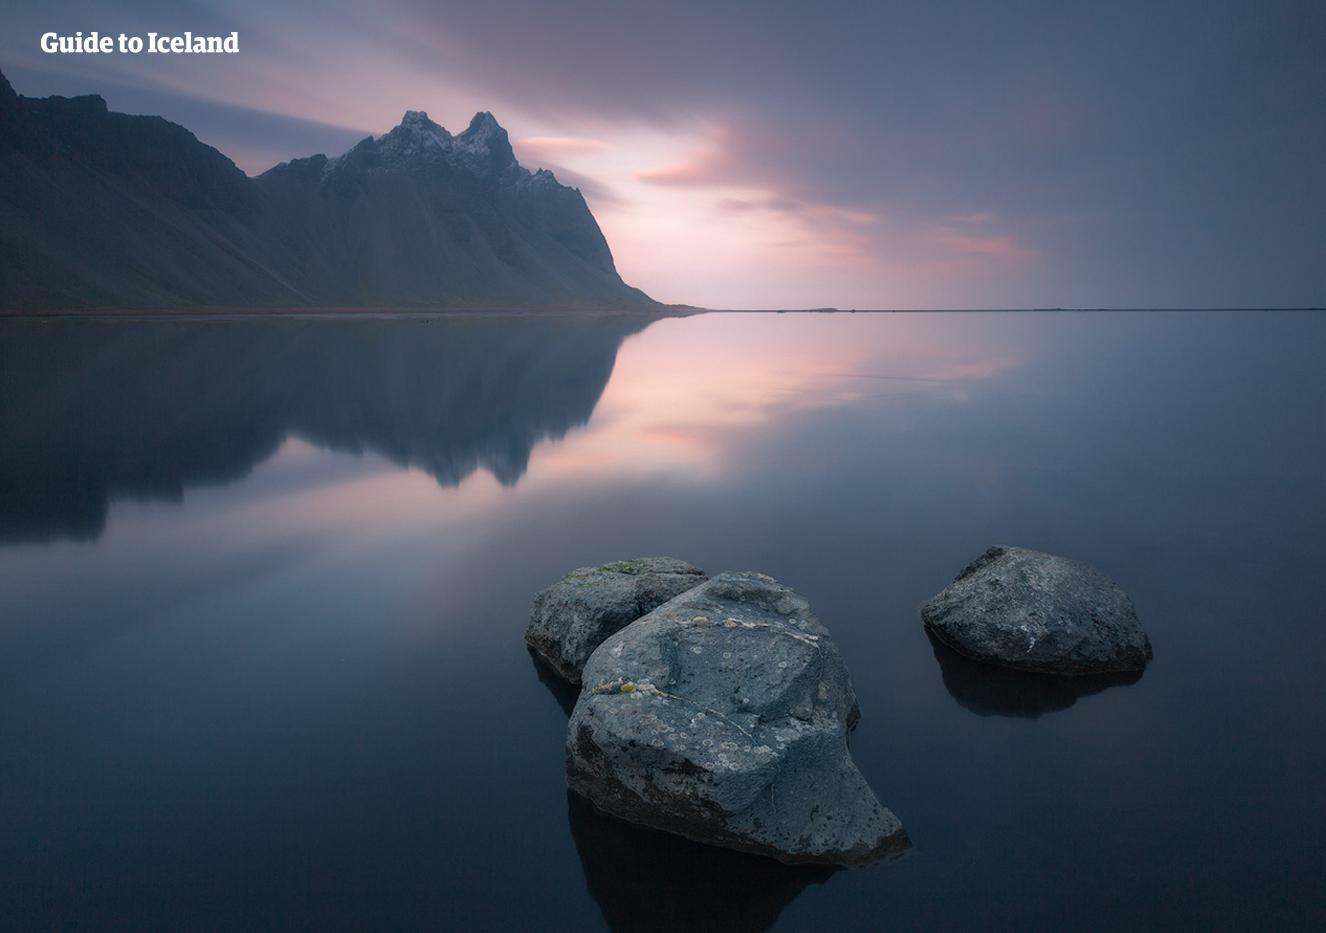 冰岛东南部的西角山(Vestrahorn)是冰岛最常被拍摄的高山之一